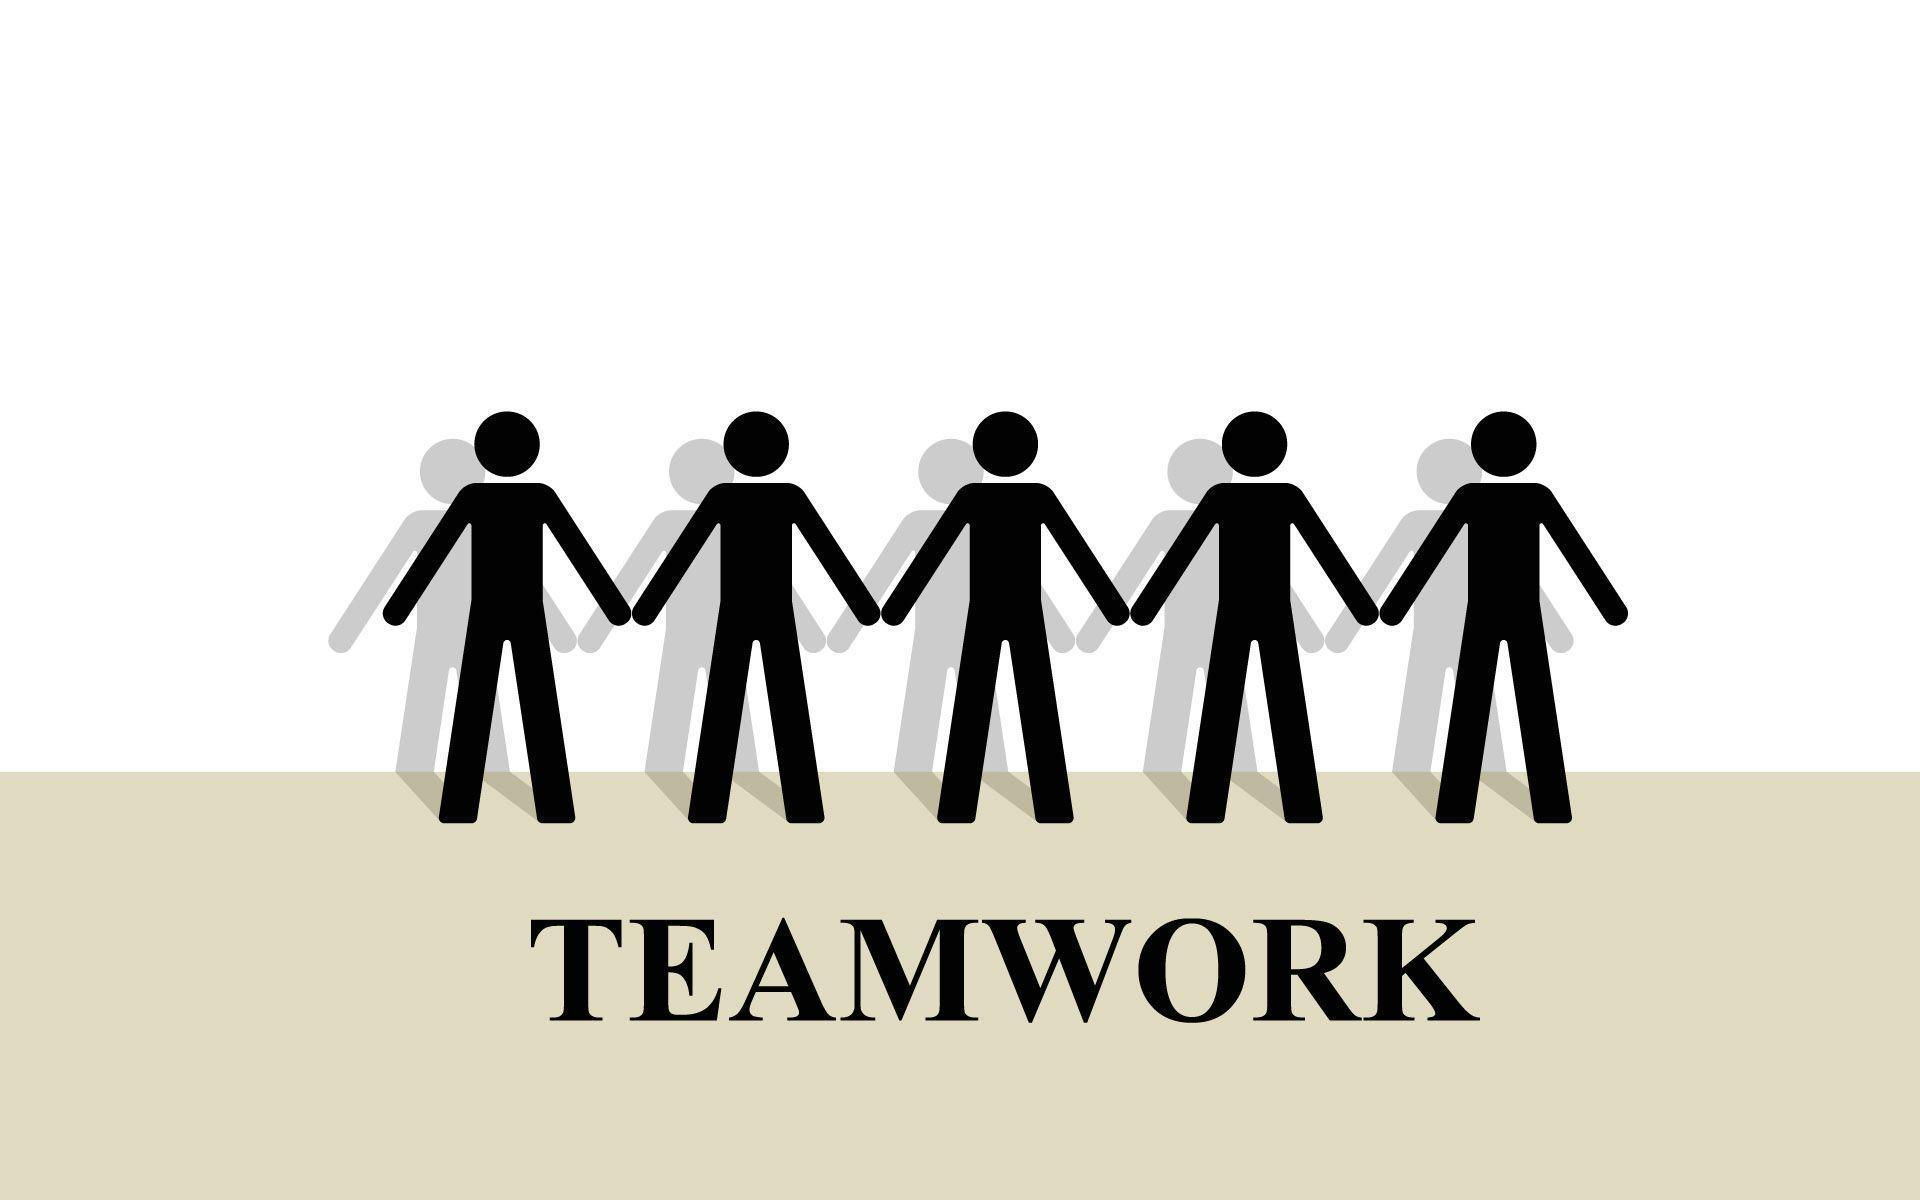 Teamwork Wallpaper - WallpaperSafari